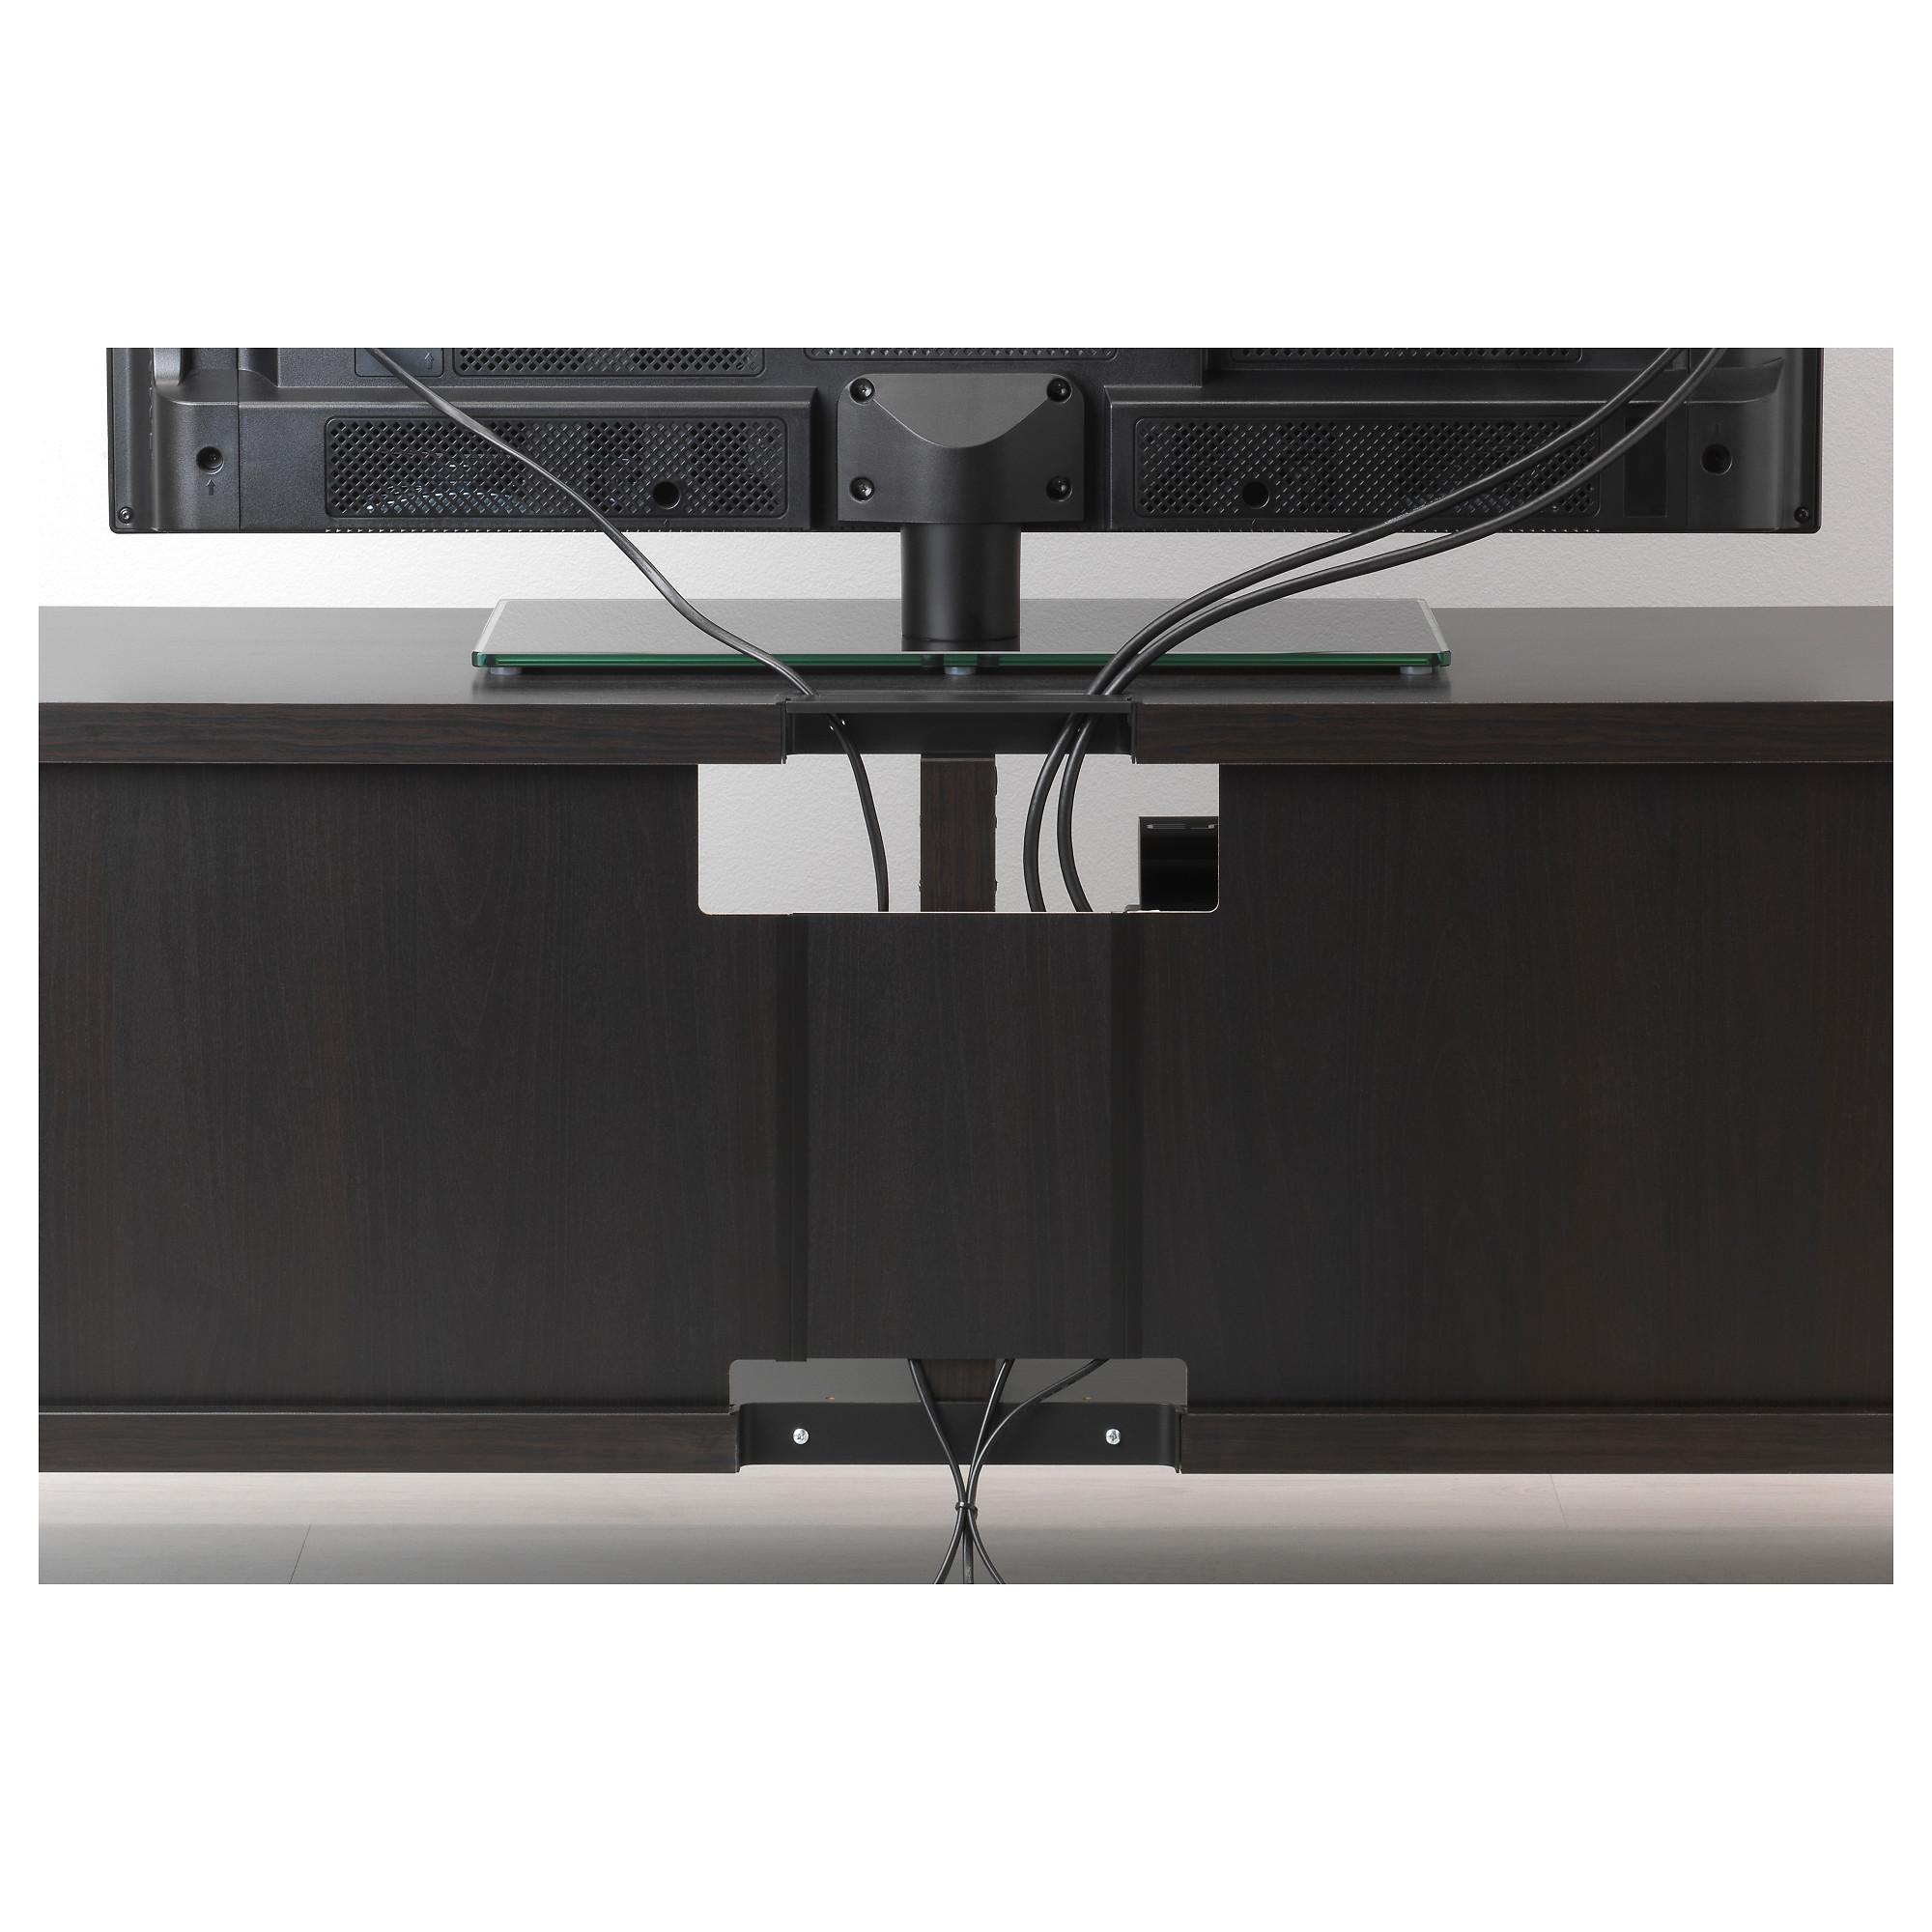 Шкаф для ТВ, комбинация БЕСТО черно-коричневый артикуль № 392.514.22 в наличии. Интернет каталог IKEA Минск. Быстрая доставка и соборка.